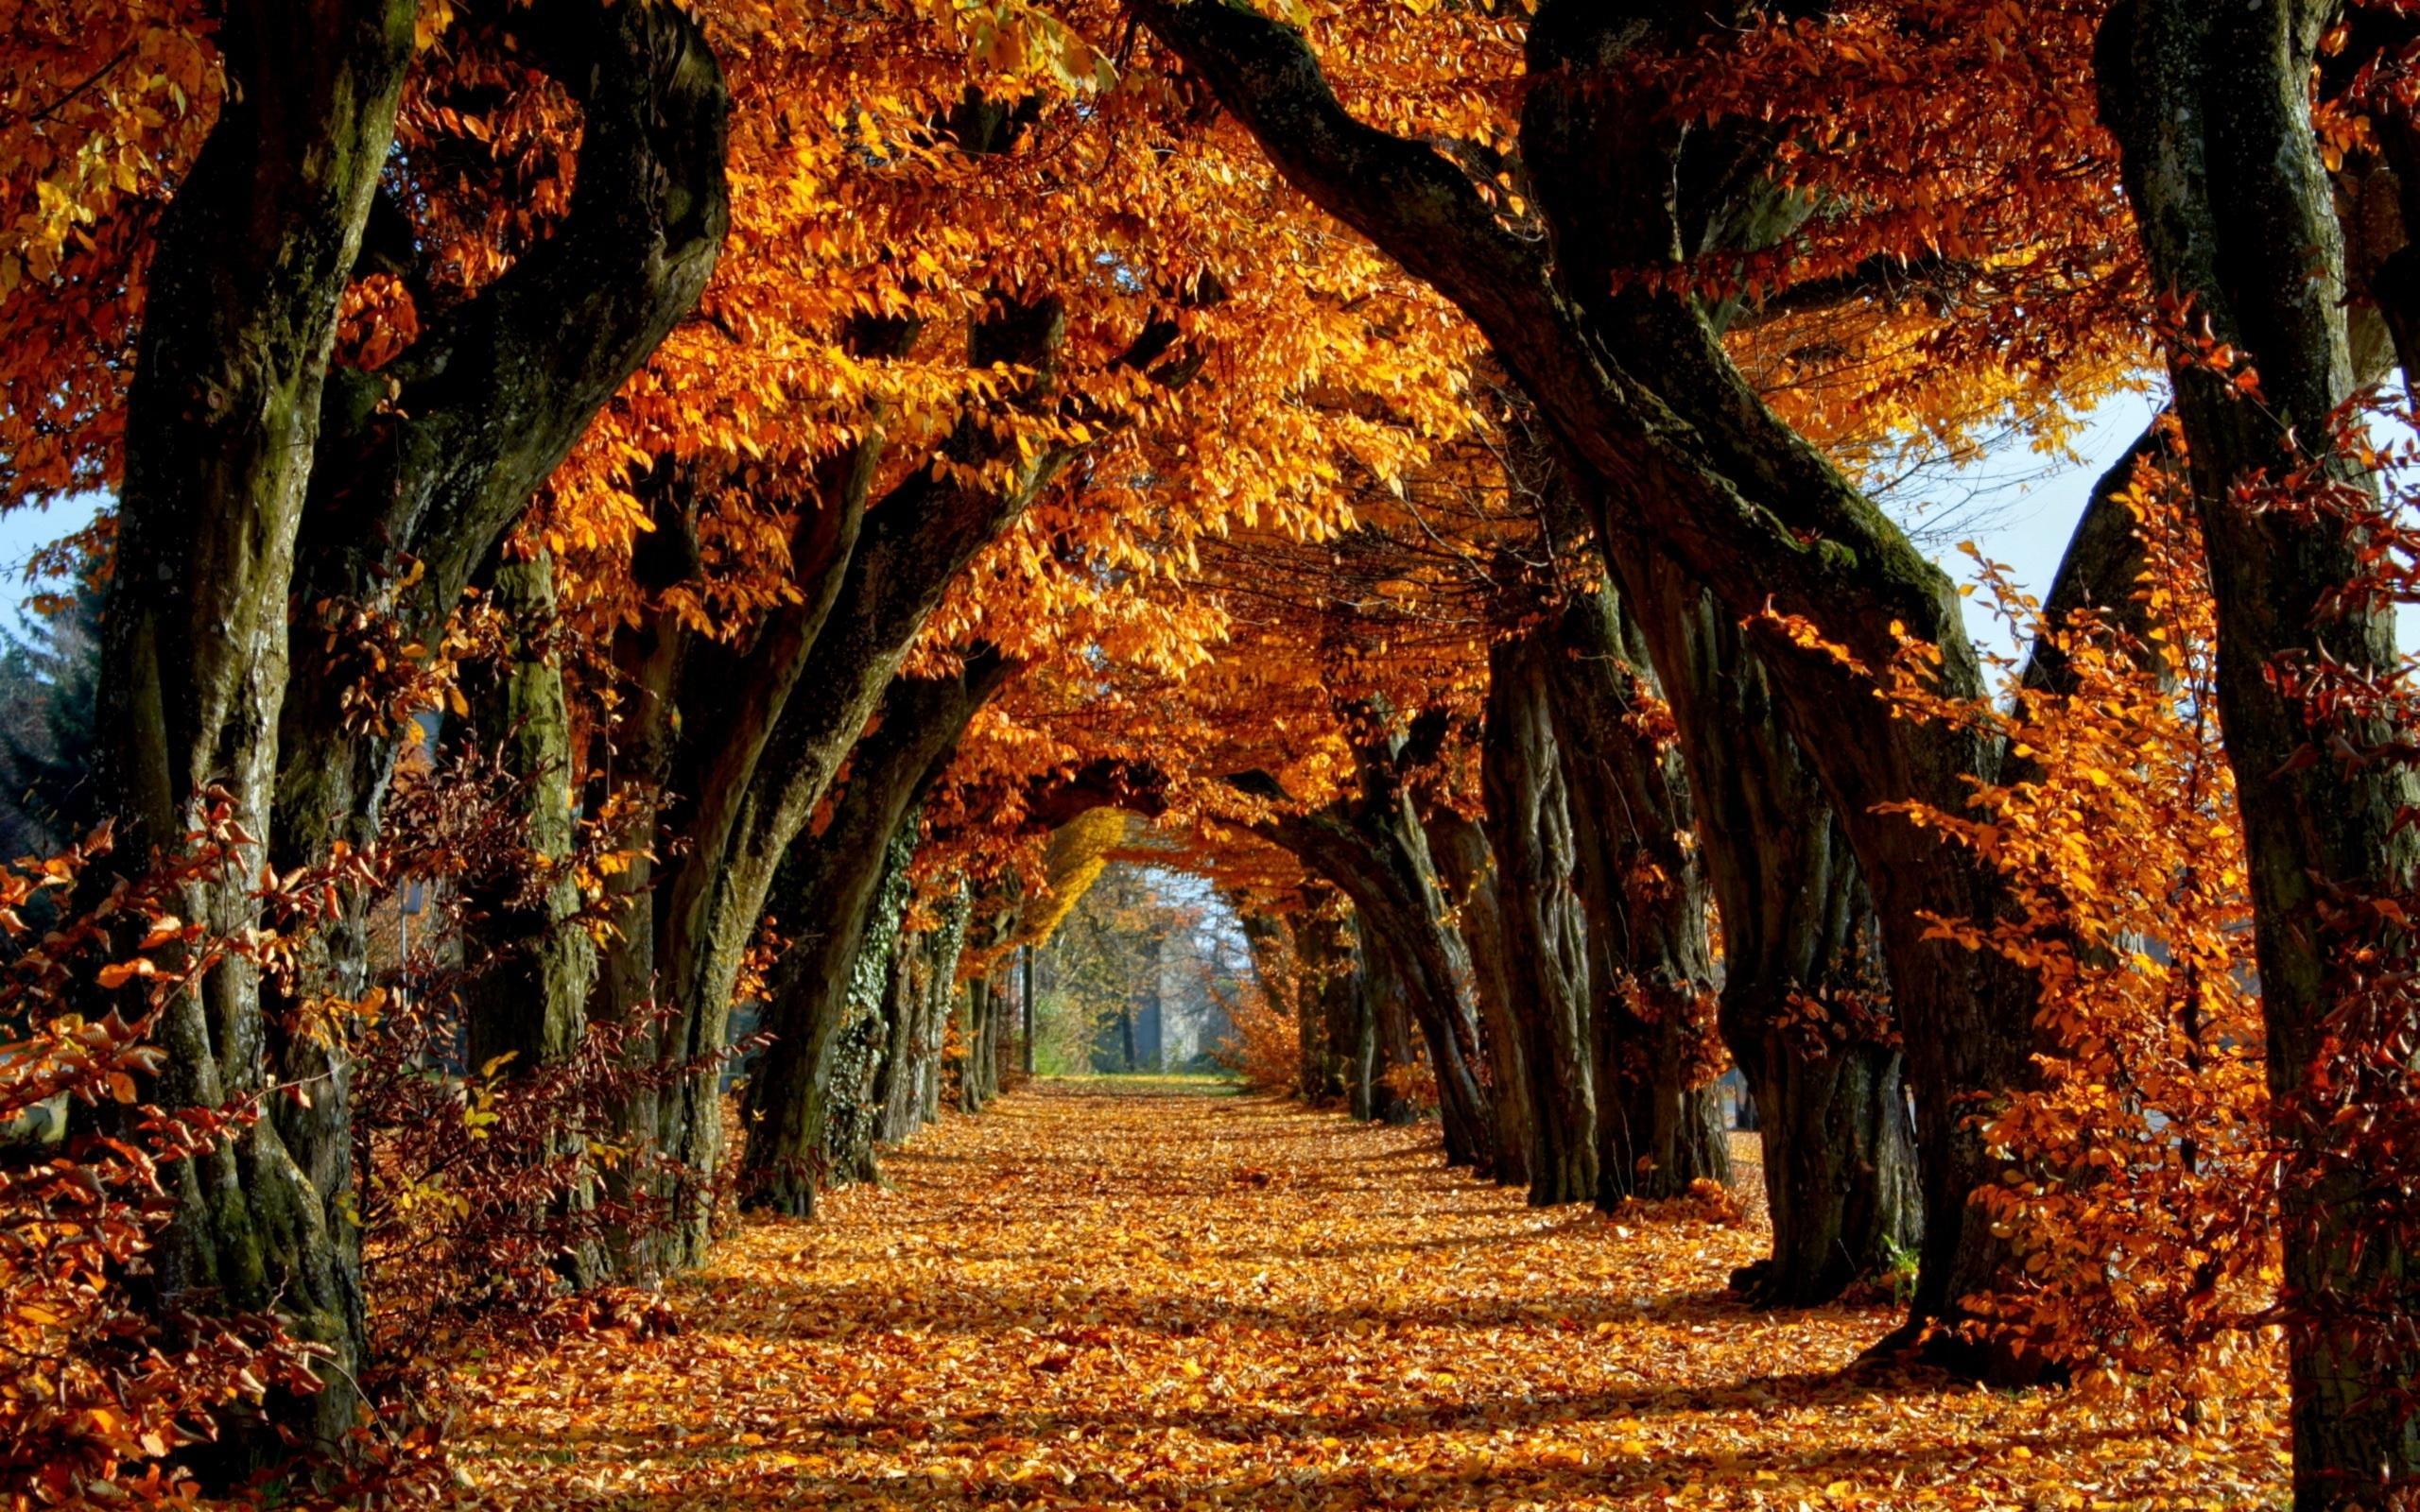 autumn wallpaper 13842 2560x1600 px ~ hdwallsource